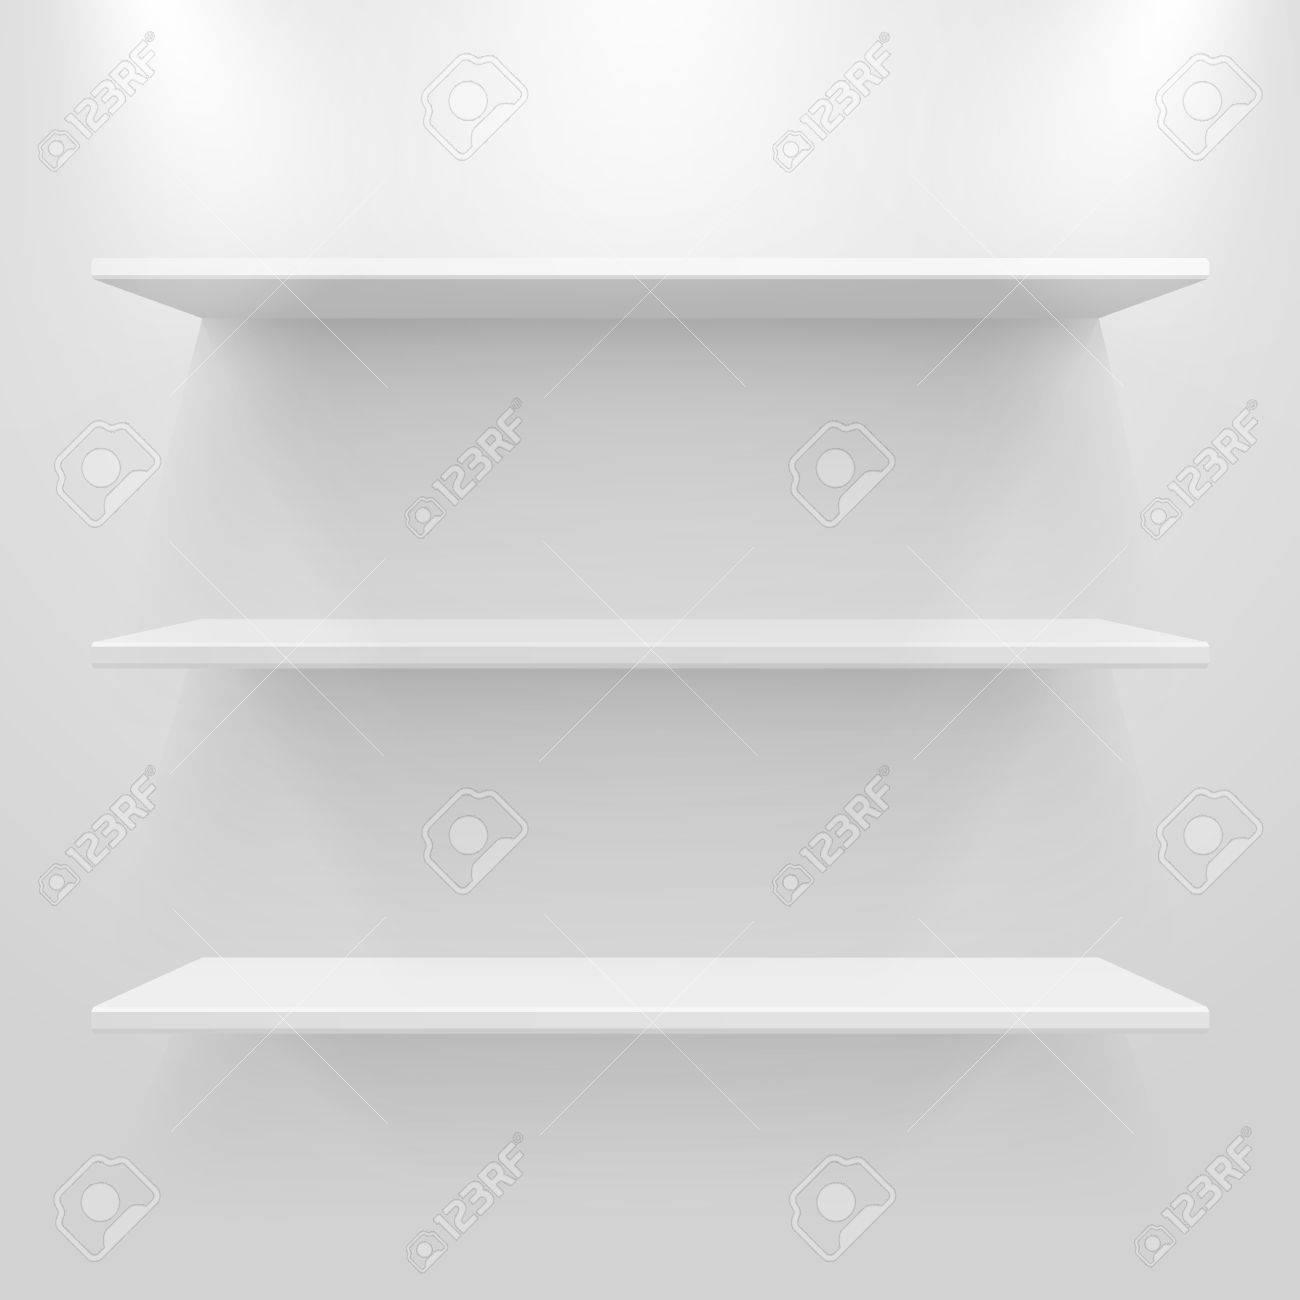 Empty white shelves on light grey background. Stock Vector - 14329069